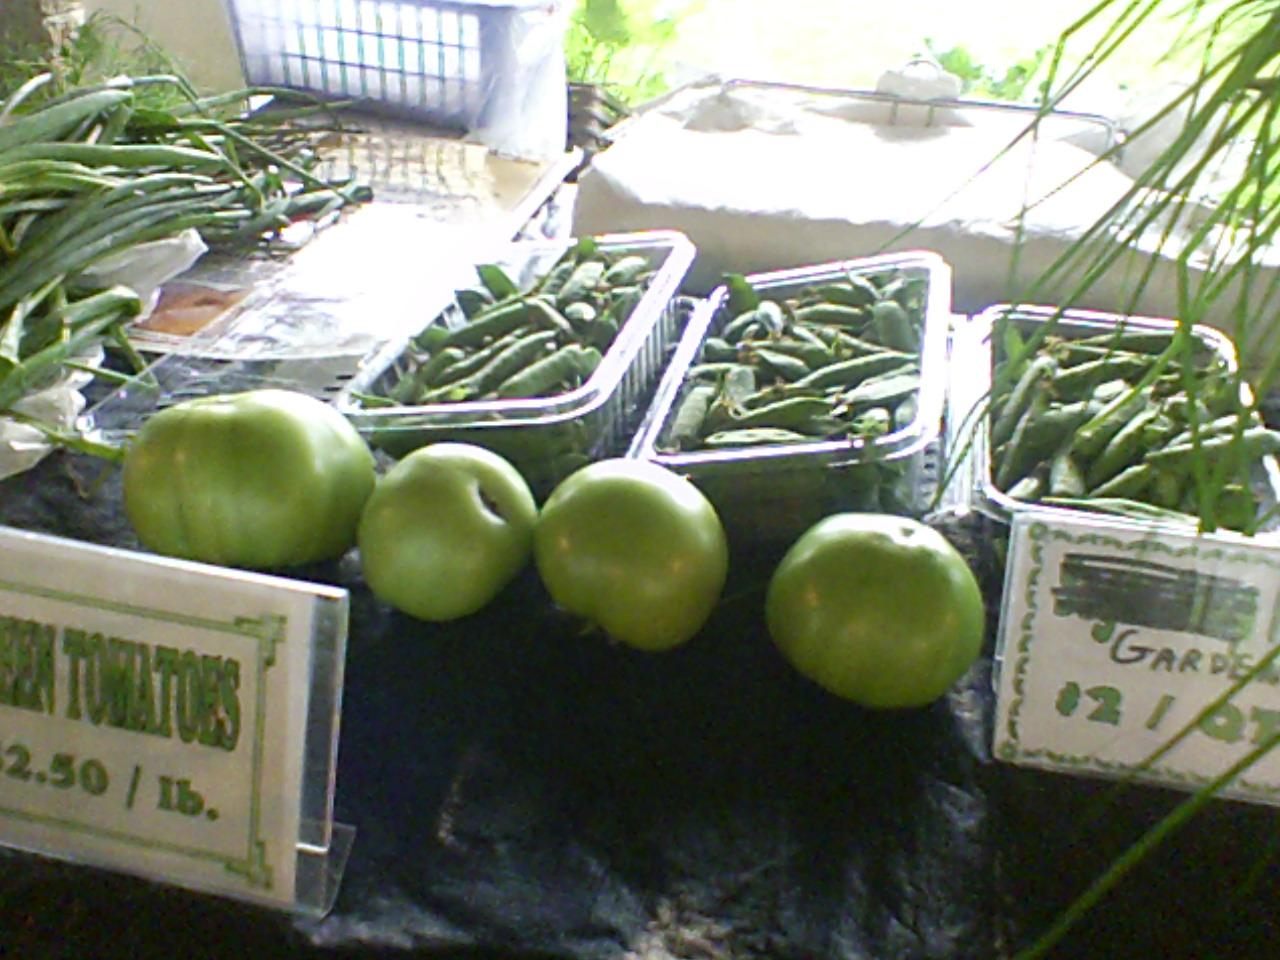 Farmers Market 011.jpg